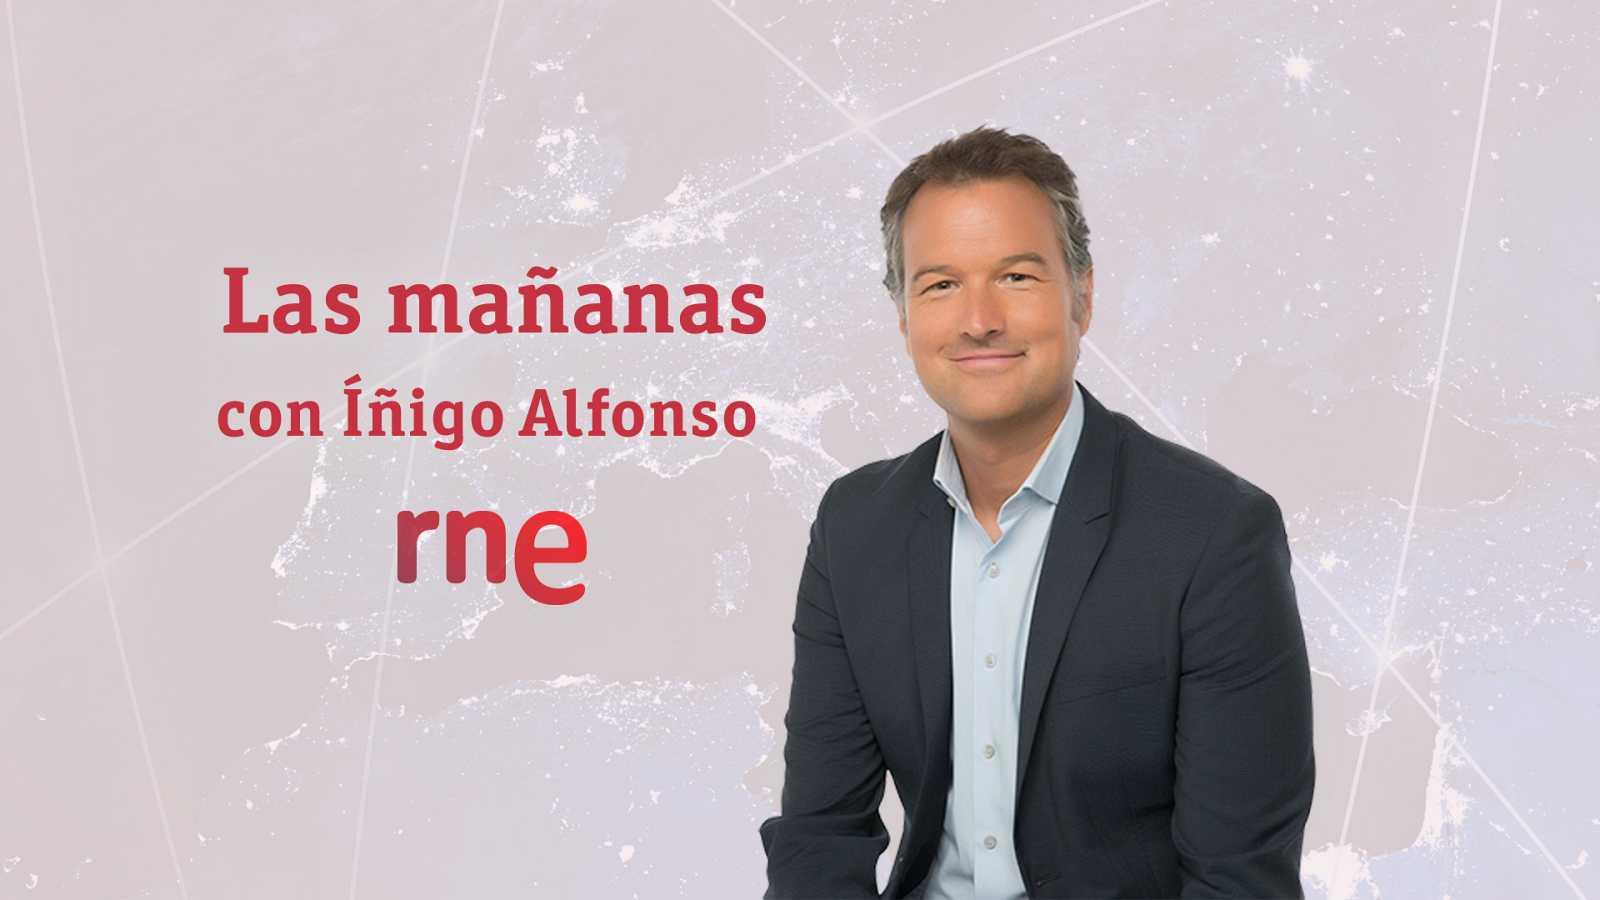 Las mañanas de RNE con Íñigo Alfonso - Segunda hora - 21/01/21 - escuchar ahora